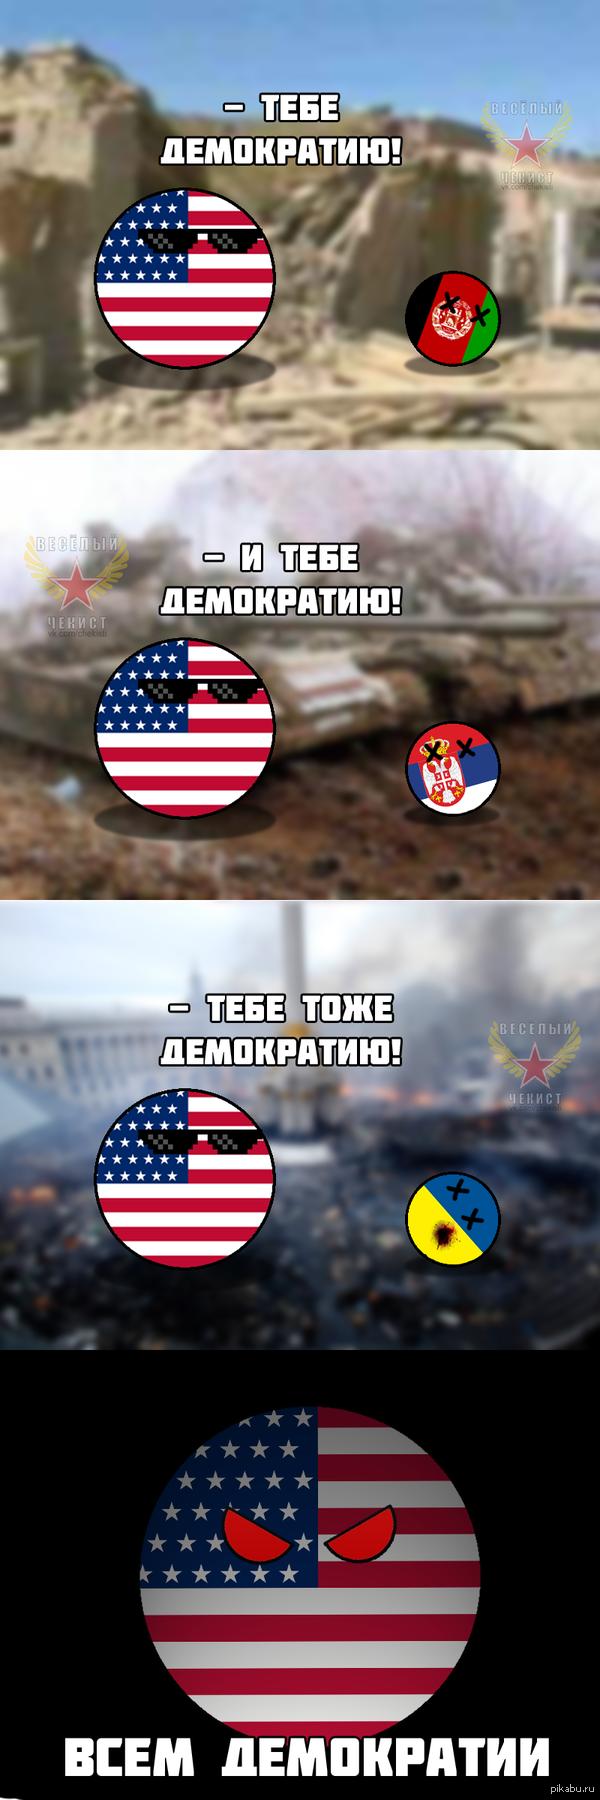 Больше демократии б-гу демократии. У вас ещё есть ценные ресурсы? Тогда мы идём к вам.  США, Демократия, Афганистан, Сербия, Украина, Политика, countryballs, ВКонтакте